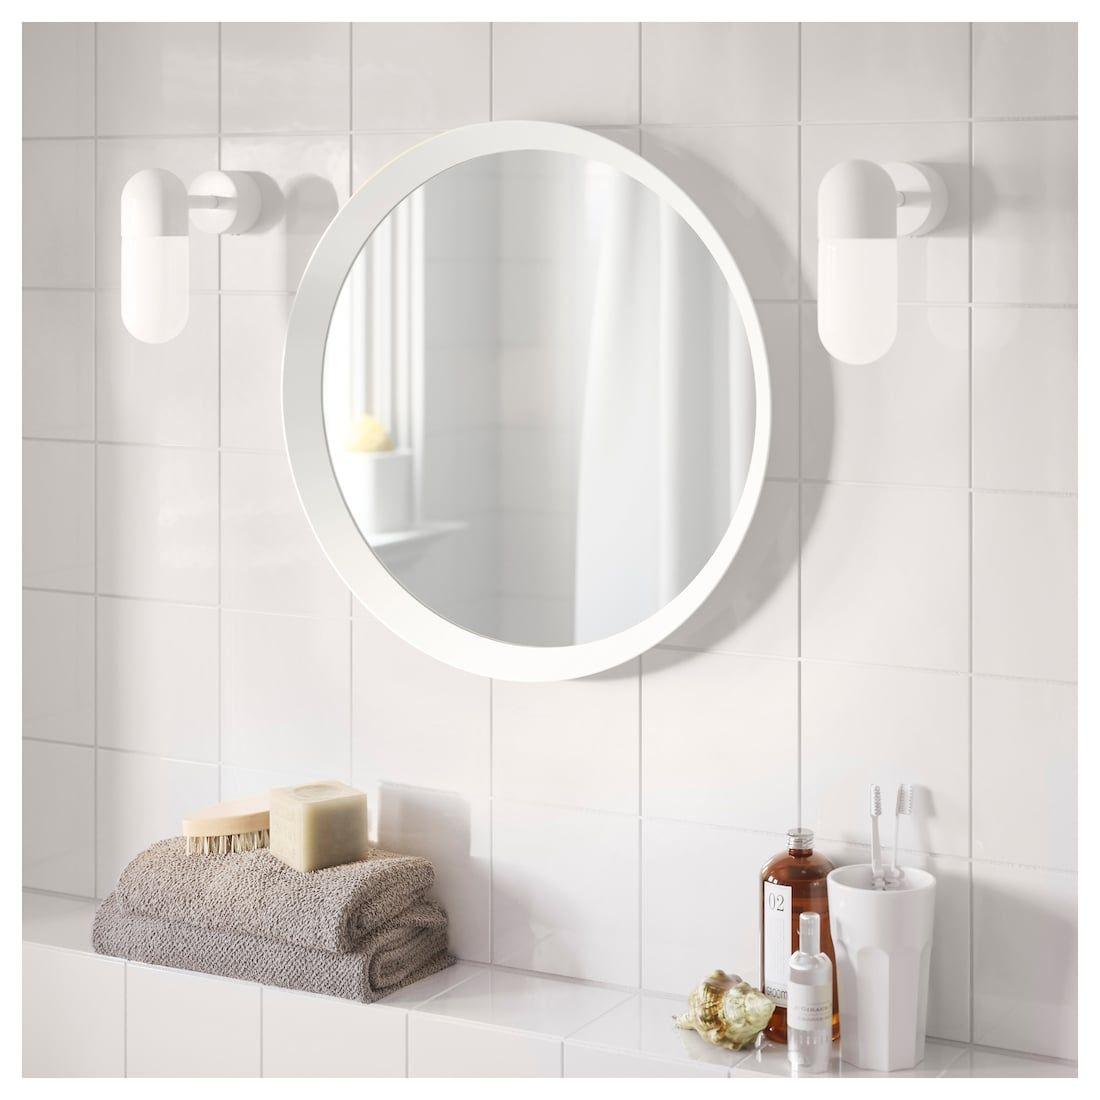 LANGESUND Mirror - white - IKEA | Bathroom mirror, Ikea ...